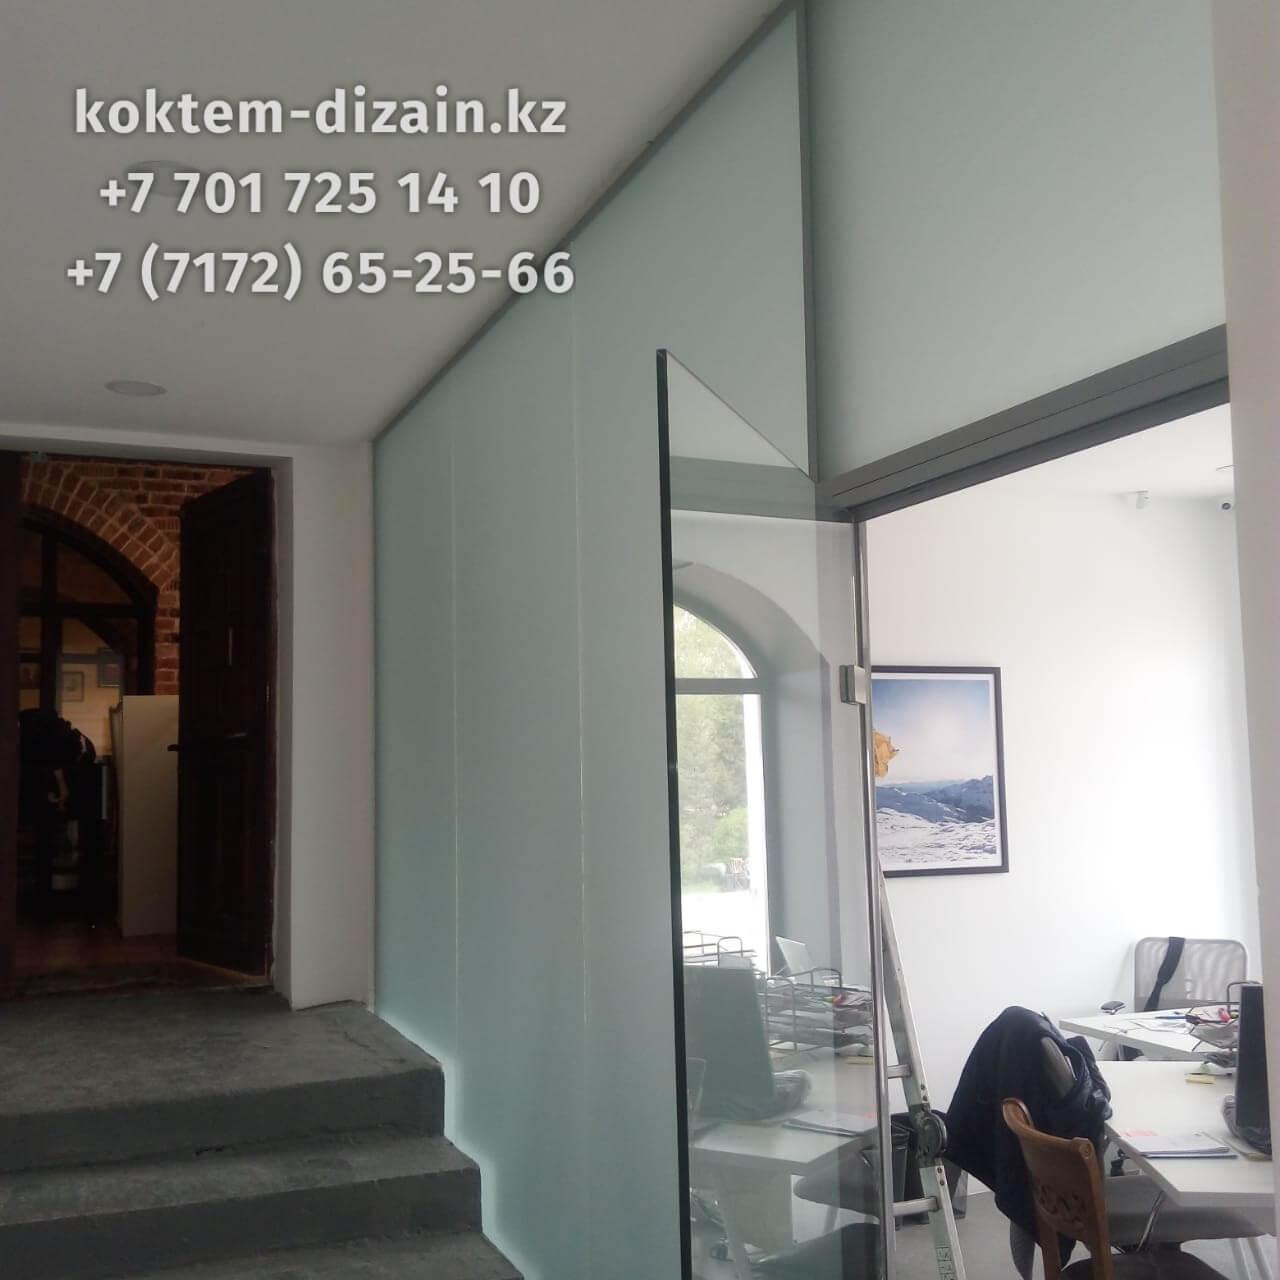 Стеклянная дверь - фото с сайта Коктем Дизайн